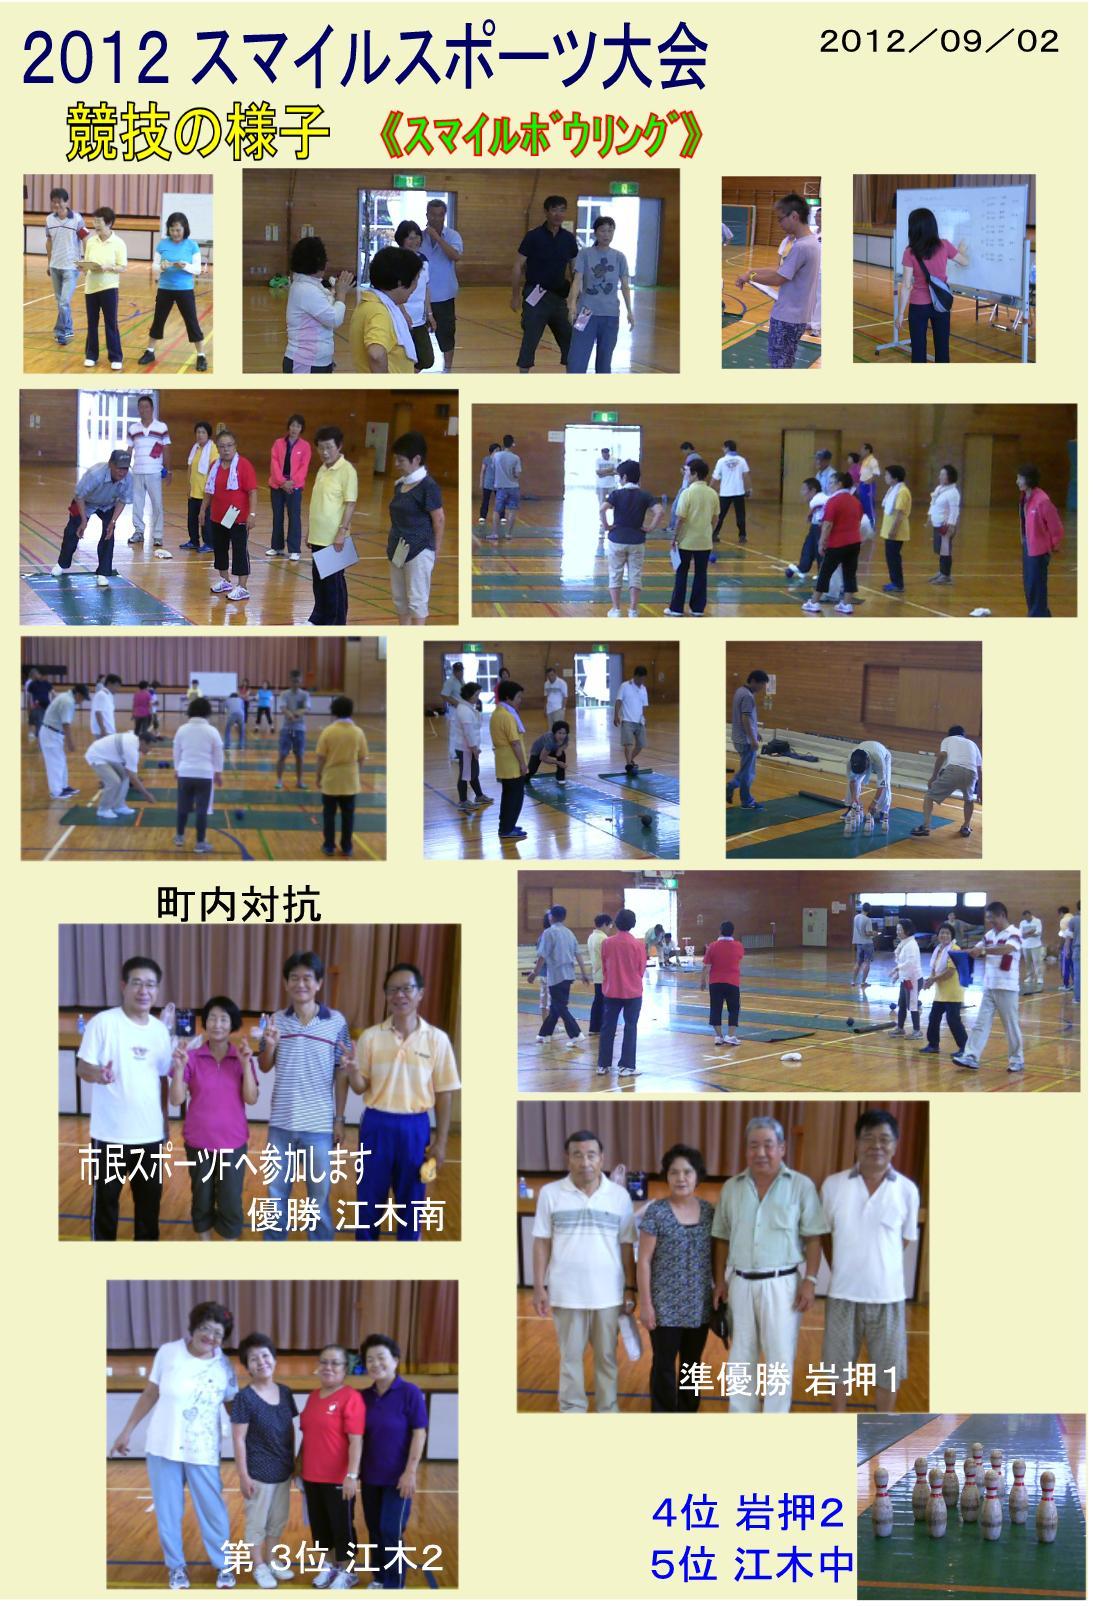 2012 競技速報(スマイルボウリング) A4版 .jpg